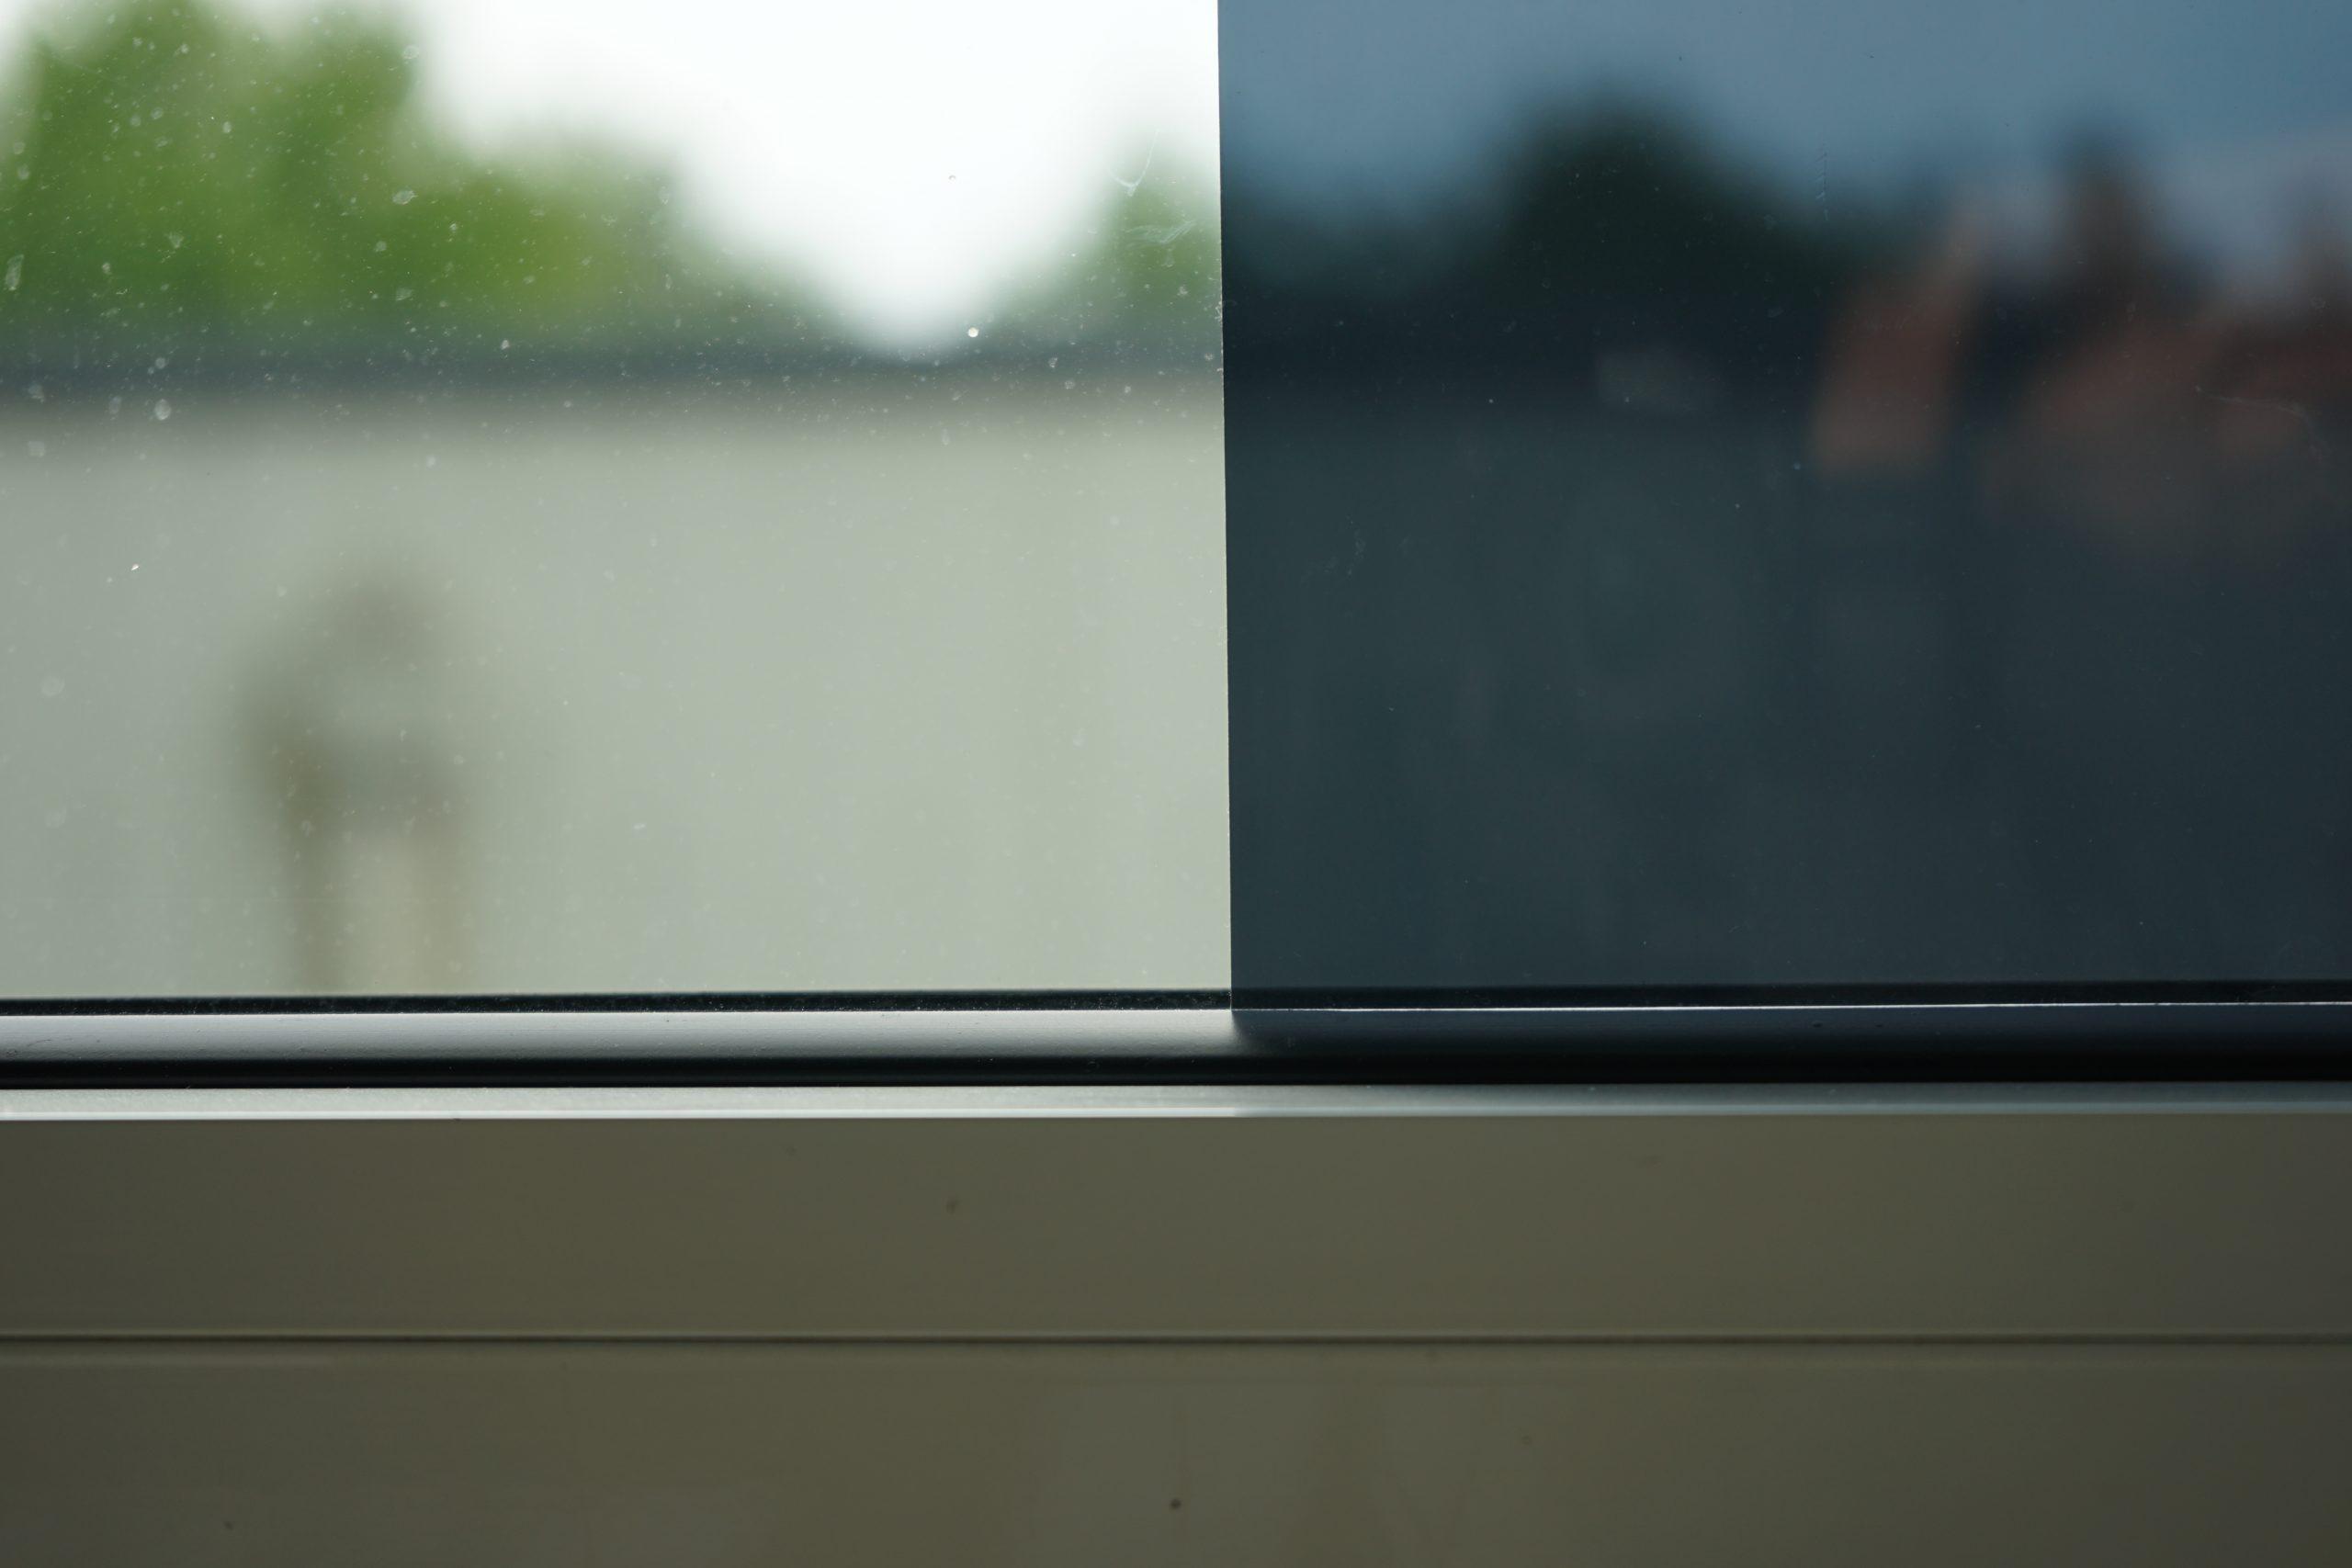 Full Size of Sonnenschutzfolie Fenster Innen Anbringen Hitzeschutzfolie Selbsthaftend Test Oder Aussen Entfernen Baumarkt Landhaus Drutex Pvc Sichtschutz Sonnenschutz Fenster Sonnenschutzfolie Fenster Innen